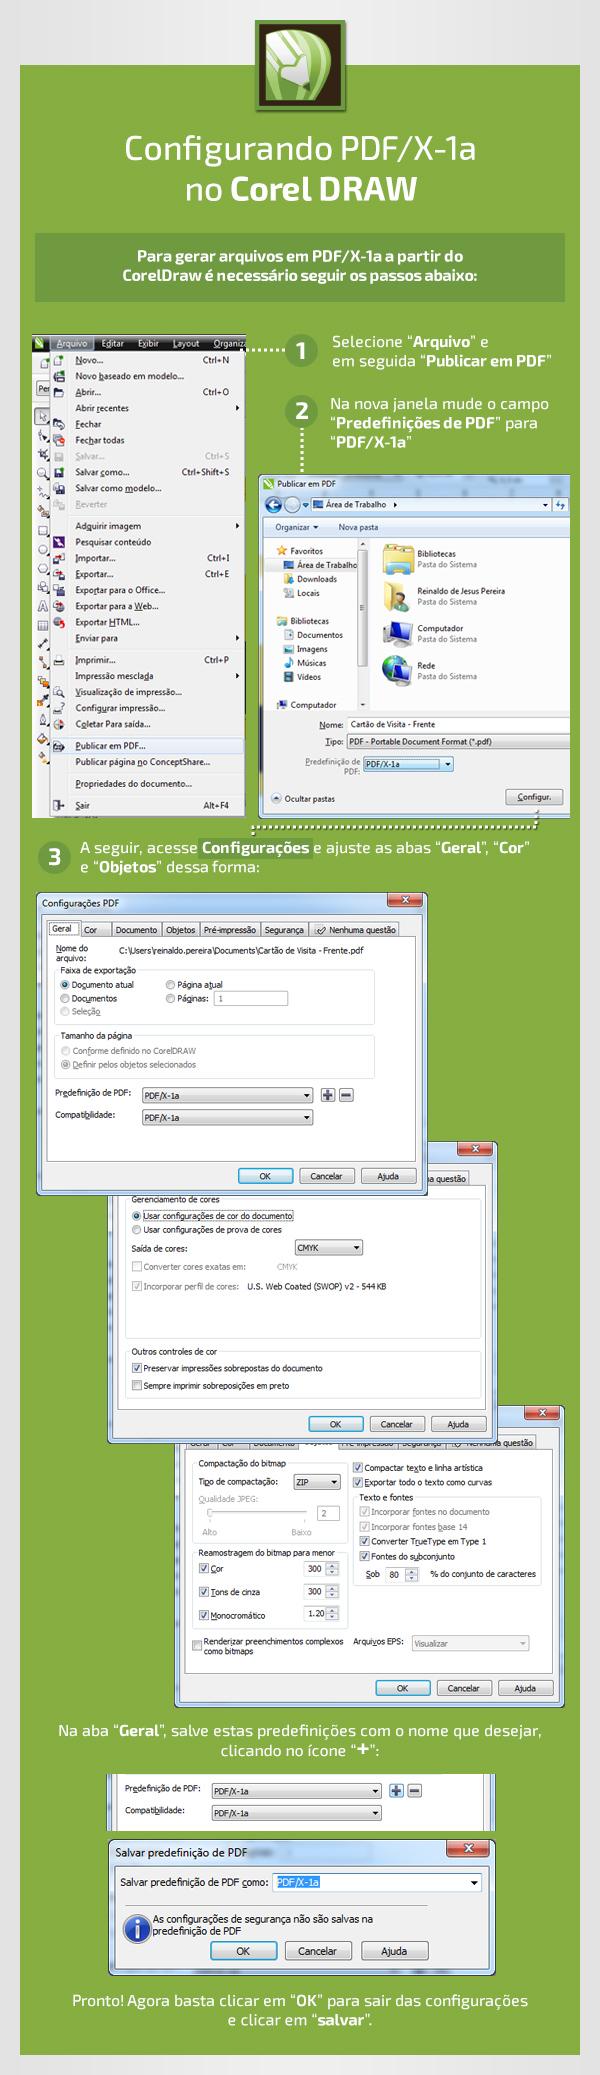 Configurando PDF/X-1a no CorelDraw | Gráfica Paulista Cartões